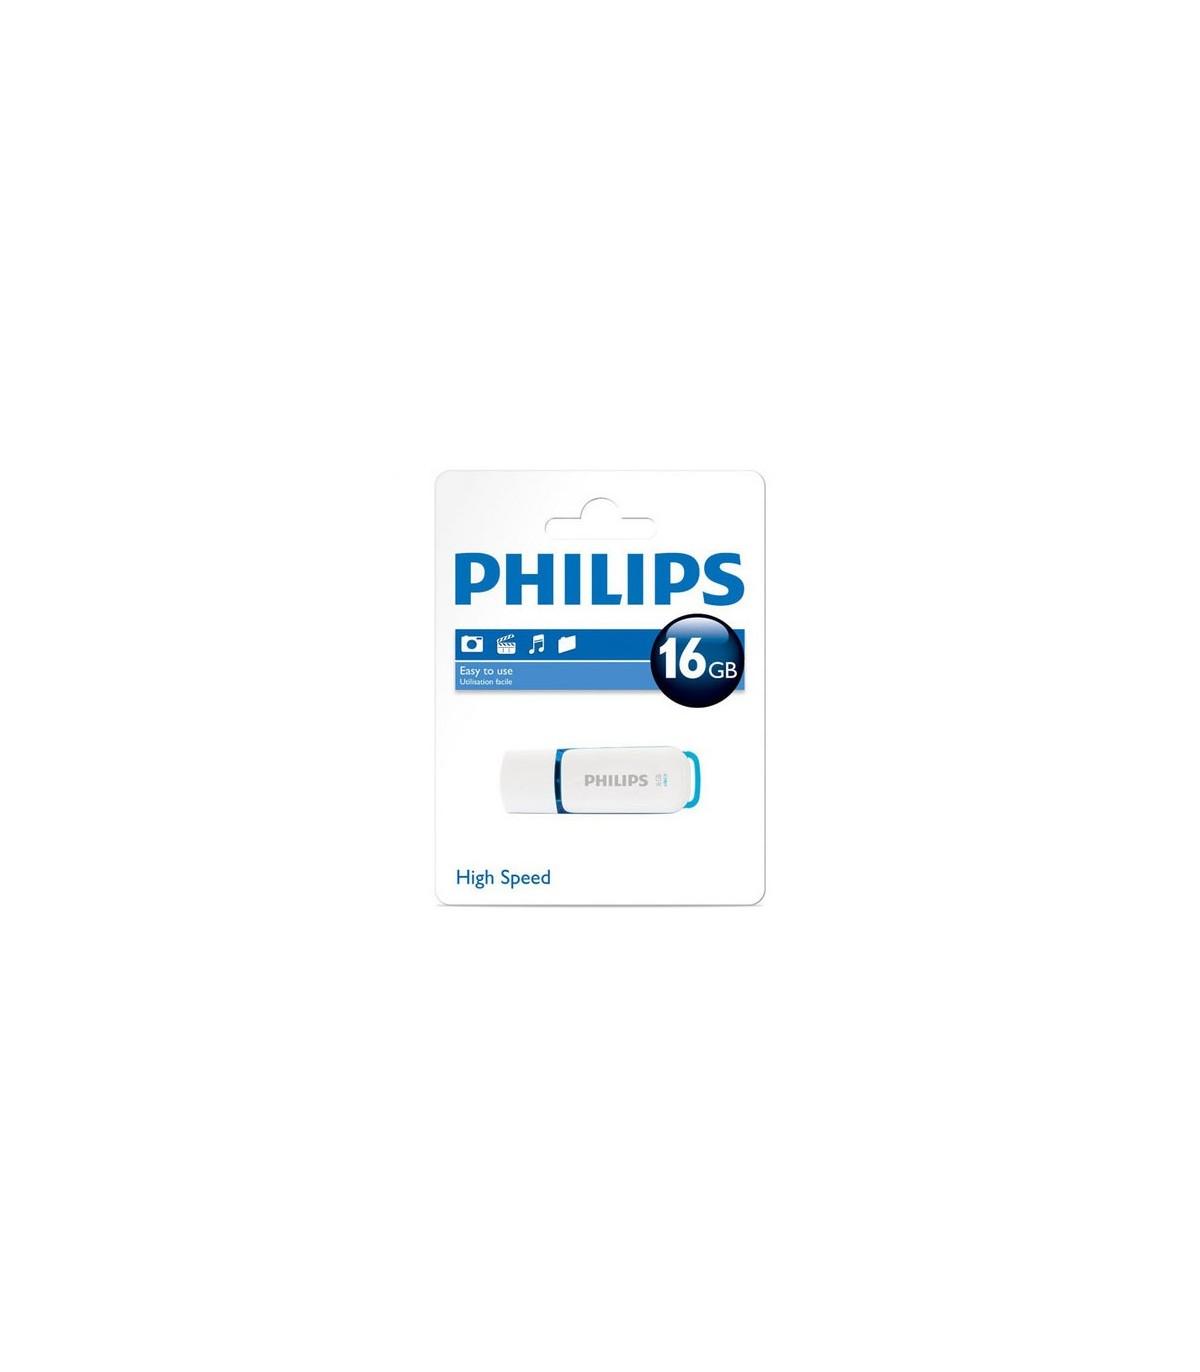 فلش مموری فیلیپس 16 گیگابایت Snow Edition FM16FD75B USB 3.0